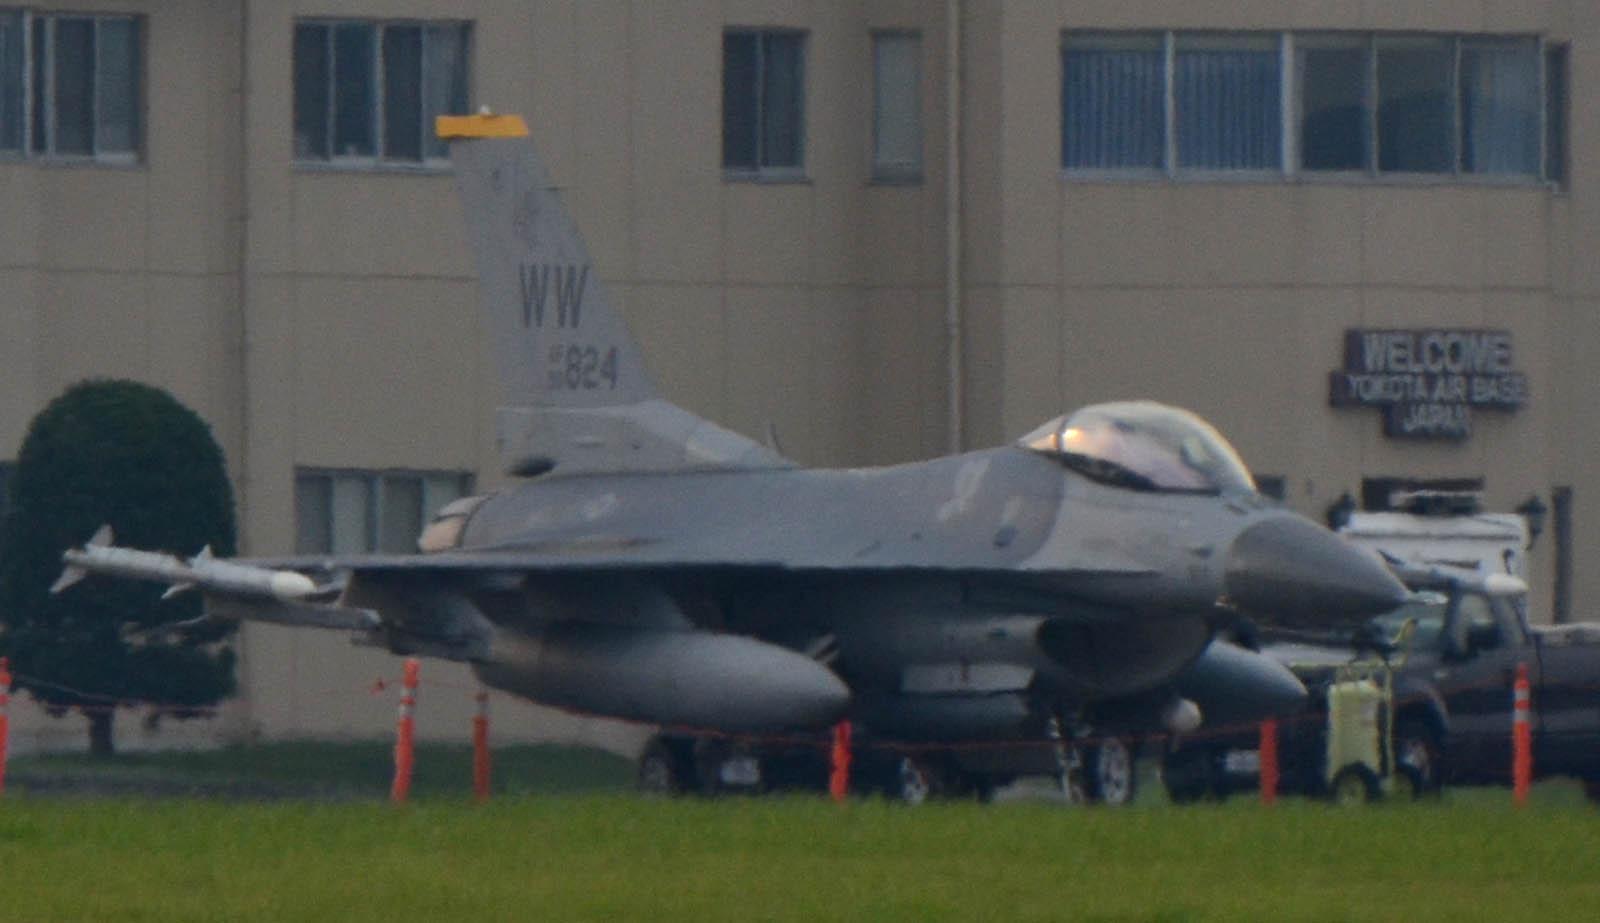 F16cj130710g065